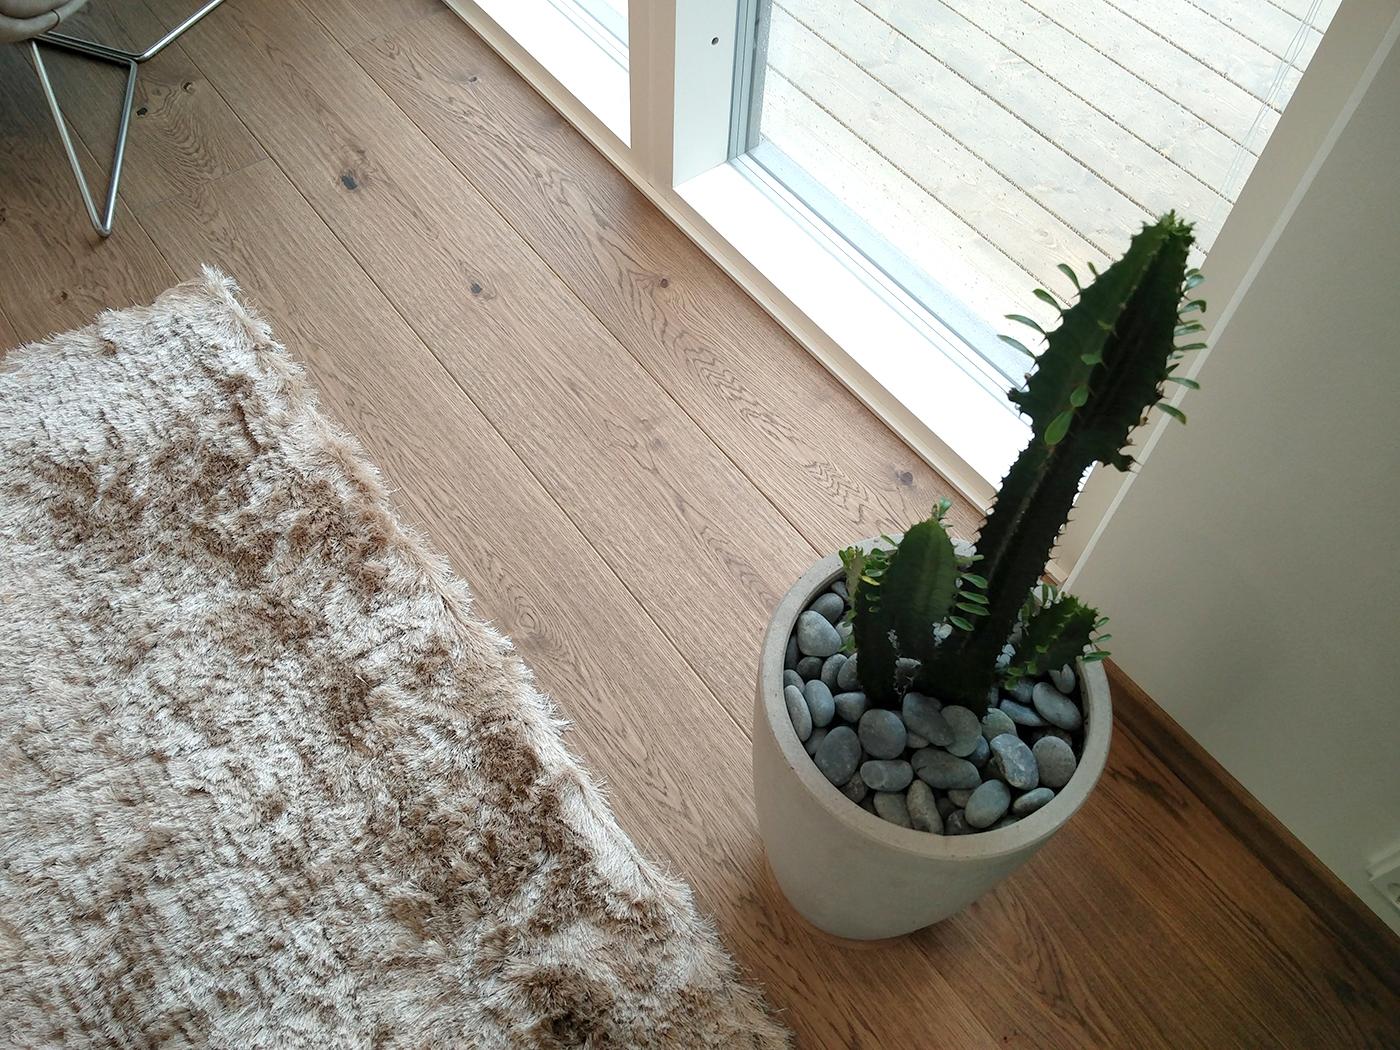 kaktus_syksy_sisustaminen_lkv_vaisto_luoman_puutarha_trinity